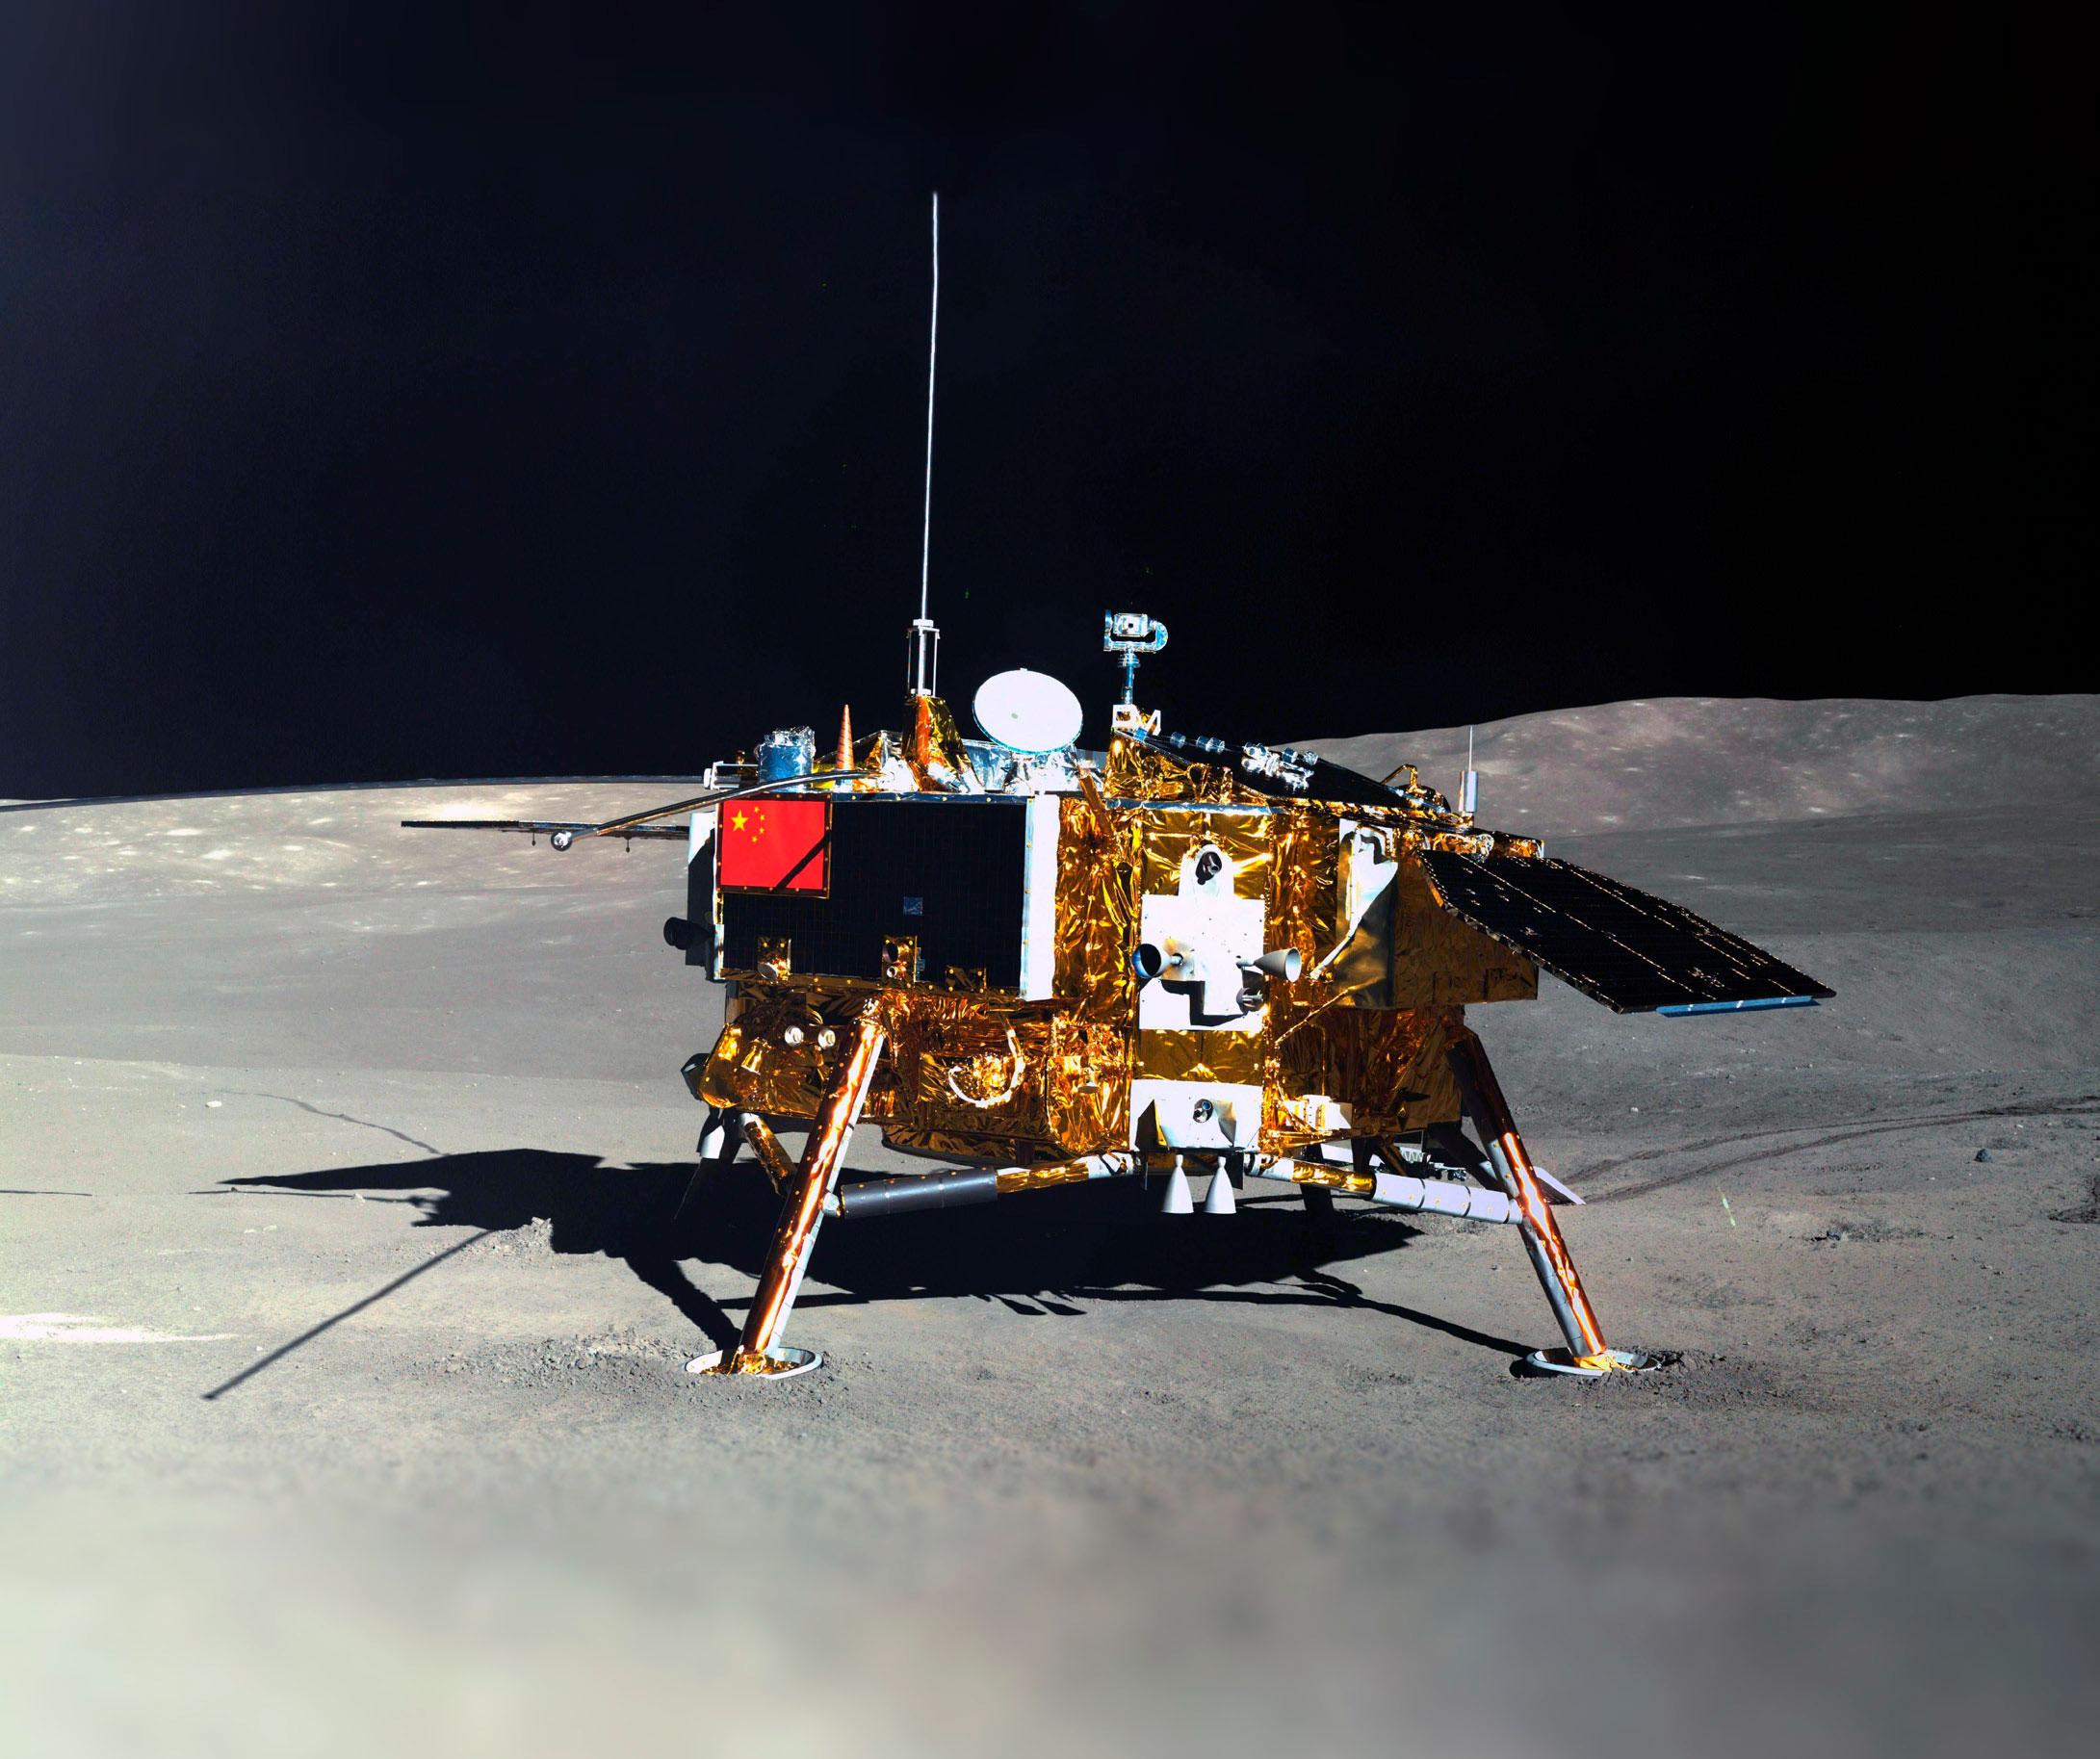 Змащений Sinopec зонд в 2019 році вперше в історії досягнув зворотнього боку Місяця